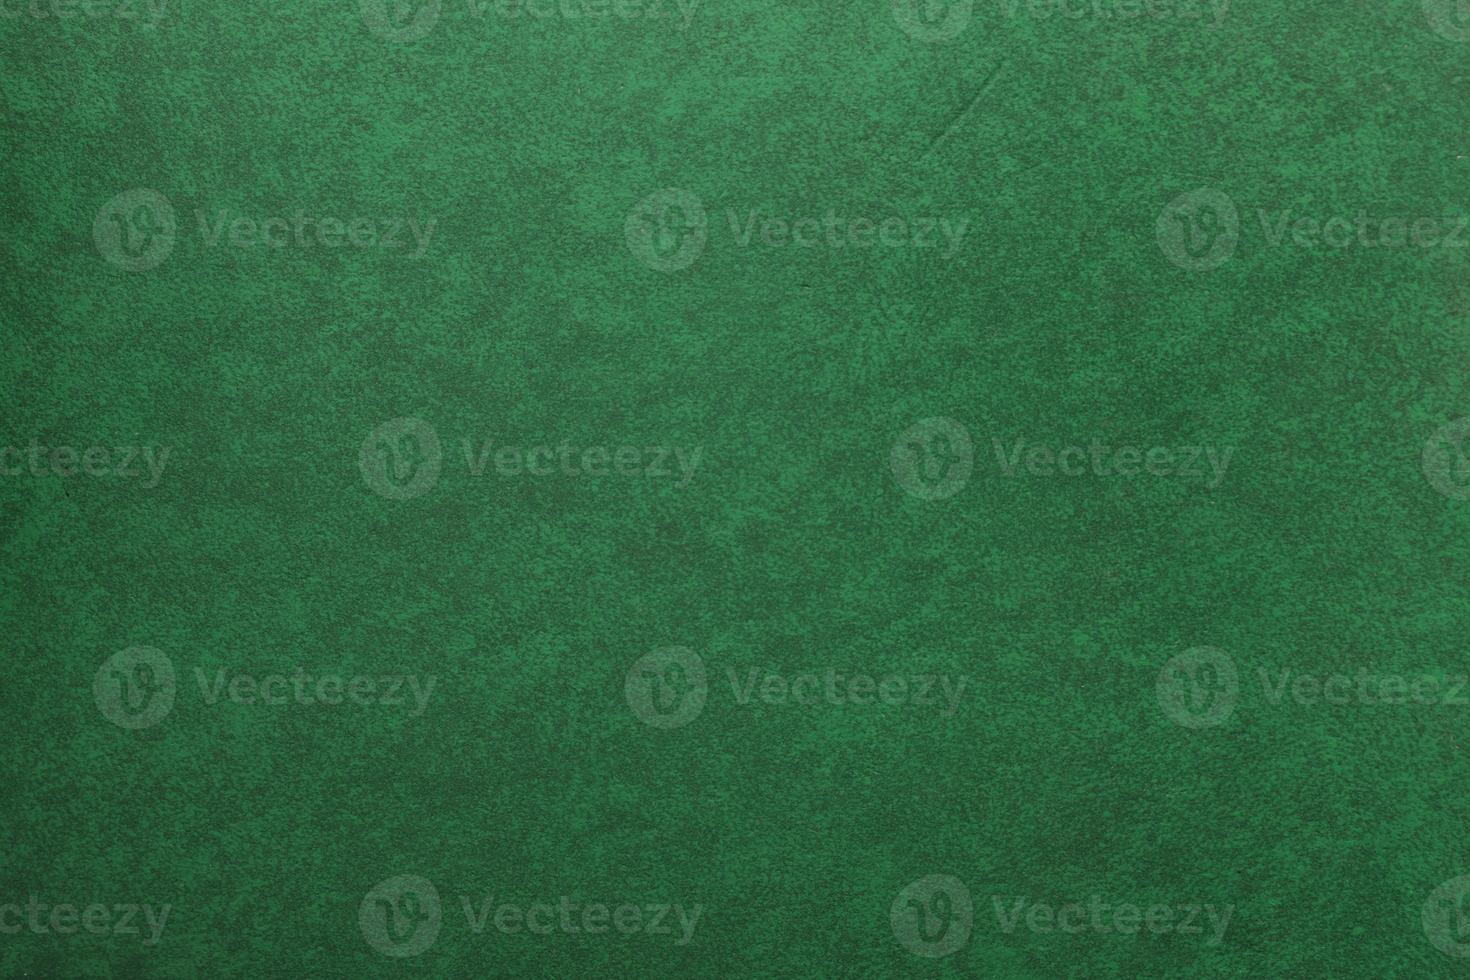 Fondo de textura de papel verde antiguo foto